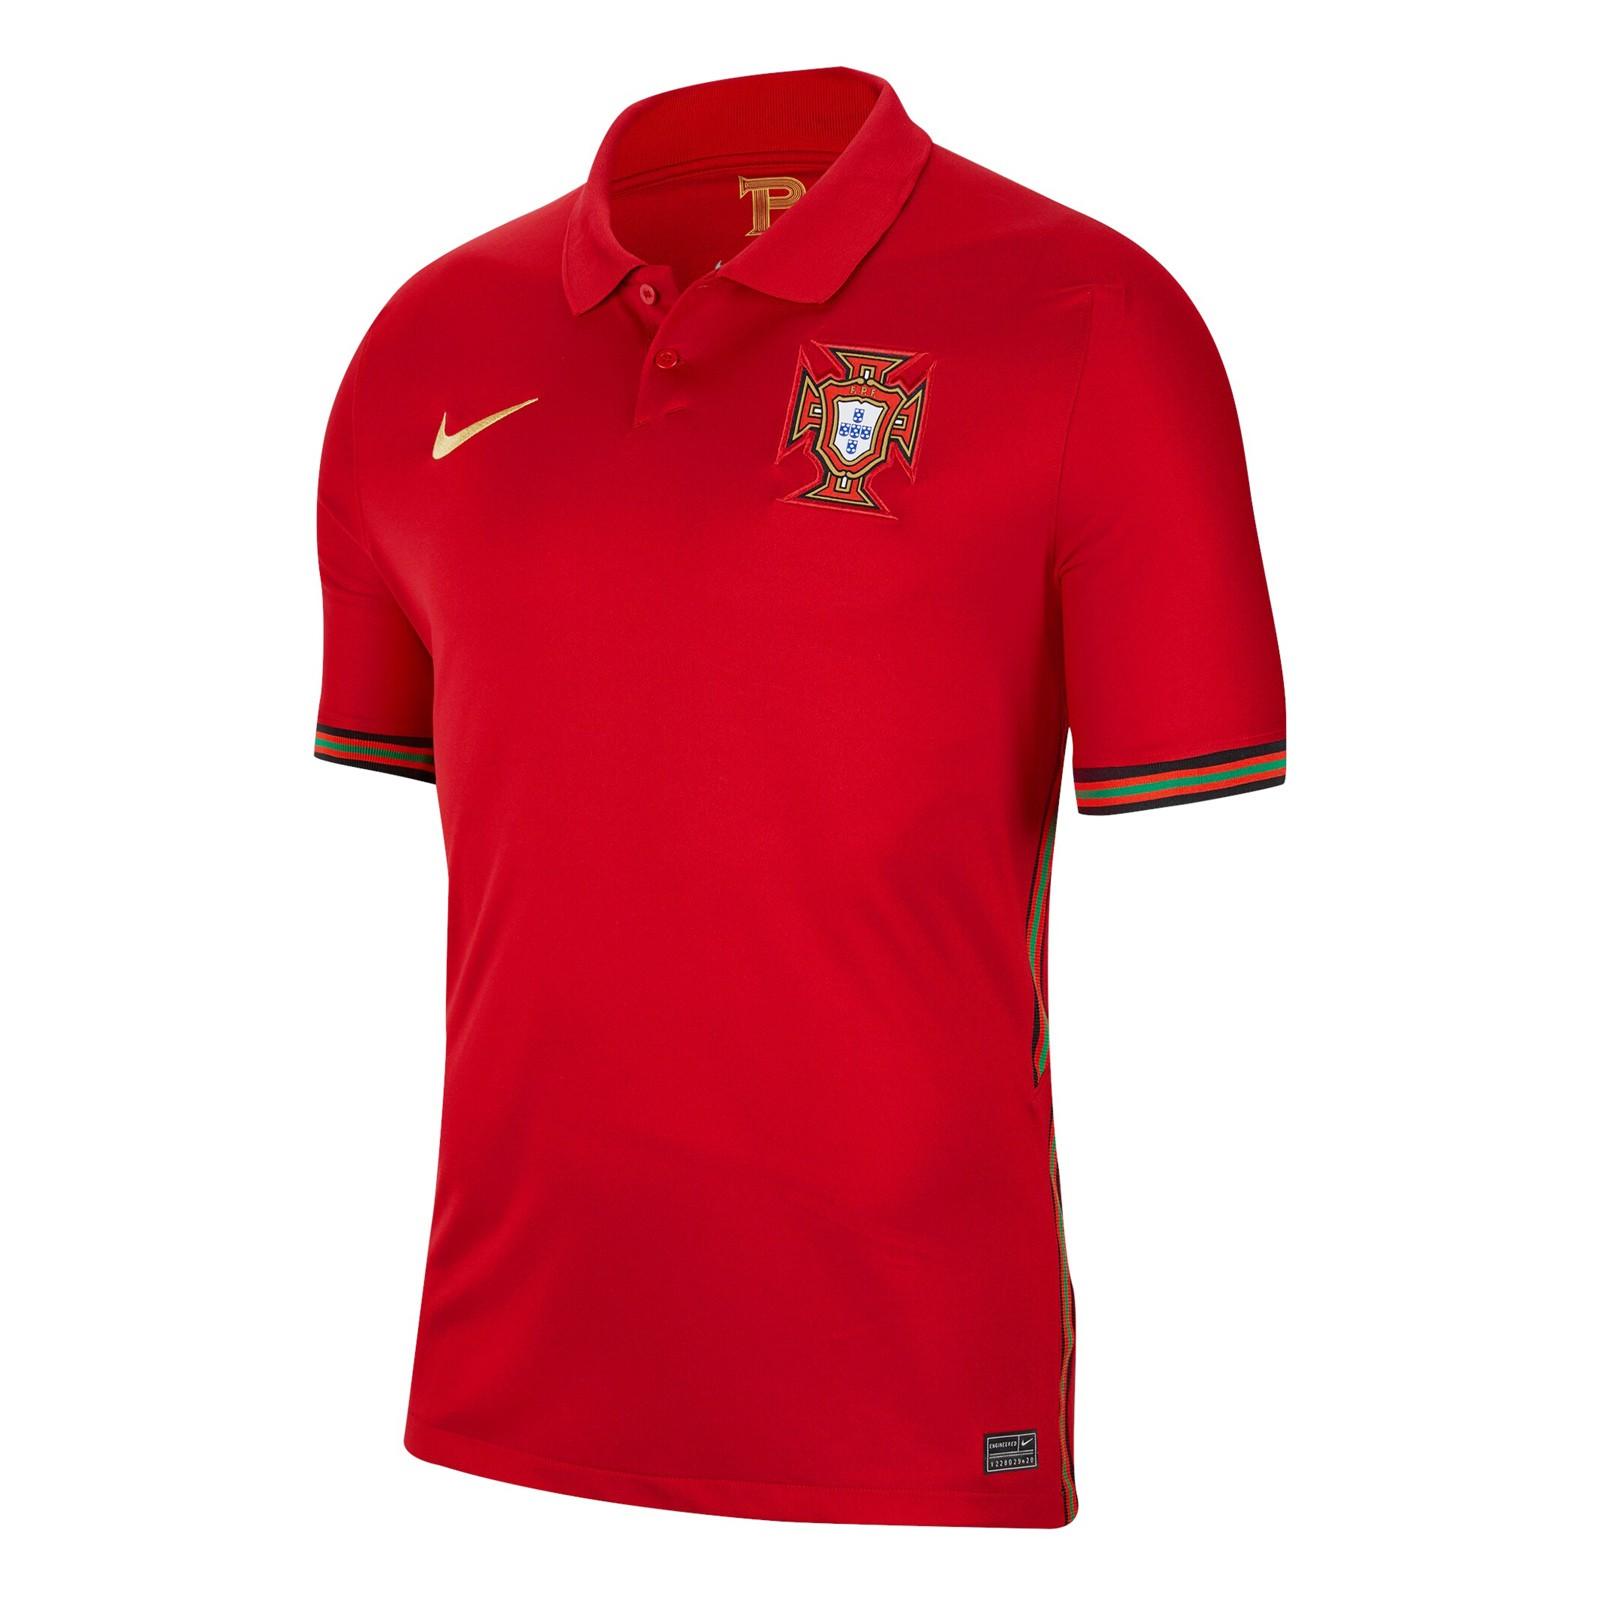 葡萄牙国家队2020欧洲杯球迷版主场球衣